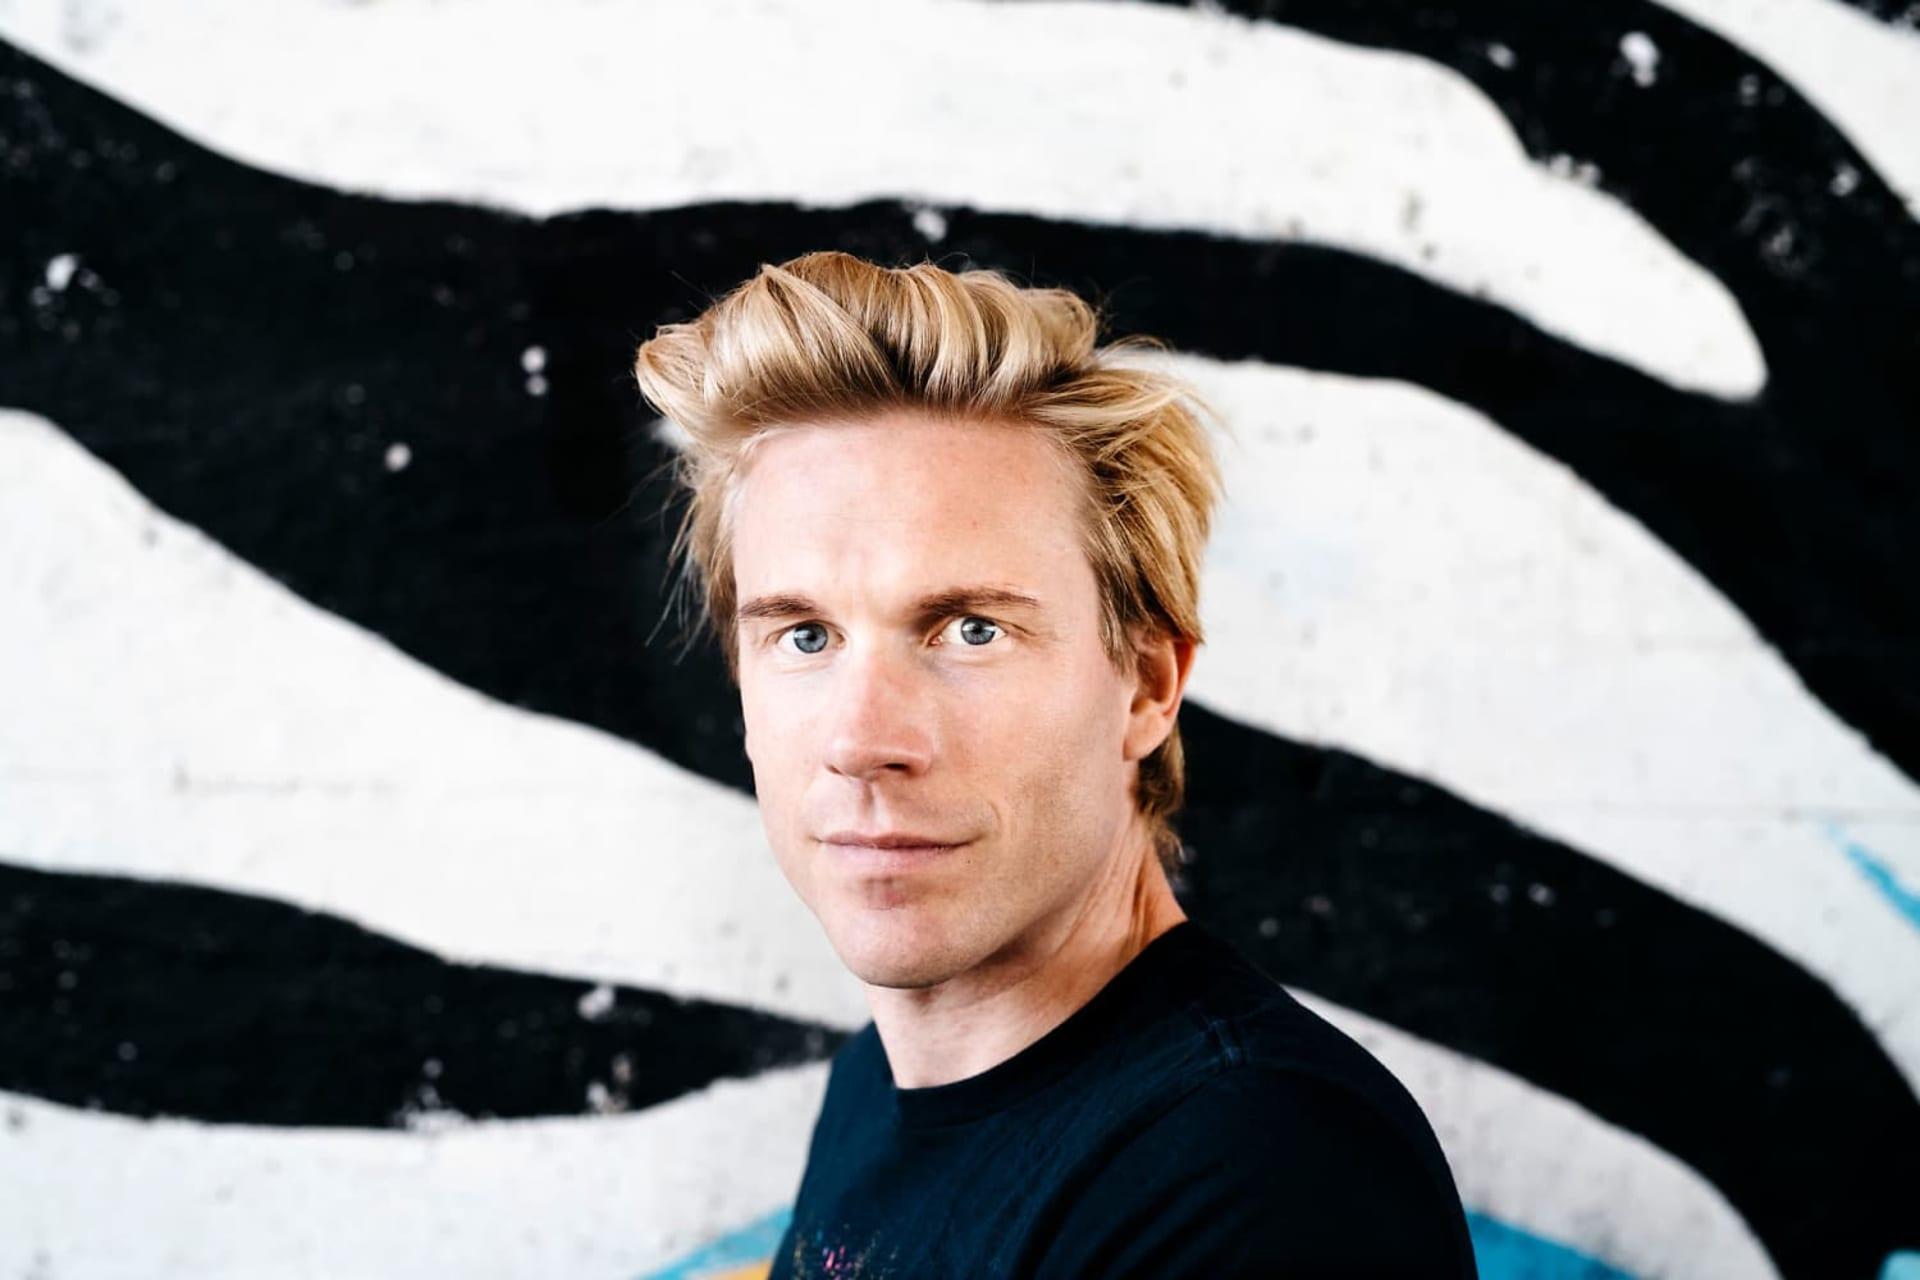 Utviklingen og fremtiden lys ut for Christoffer Hernæs og Sbanken, som topper listen både når det gjelder innovasjonsevne og kundetilfredshet.